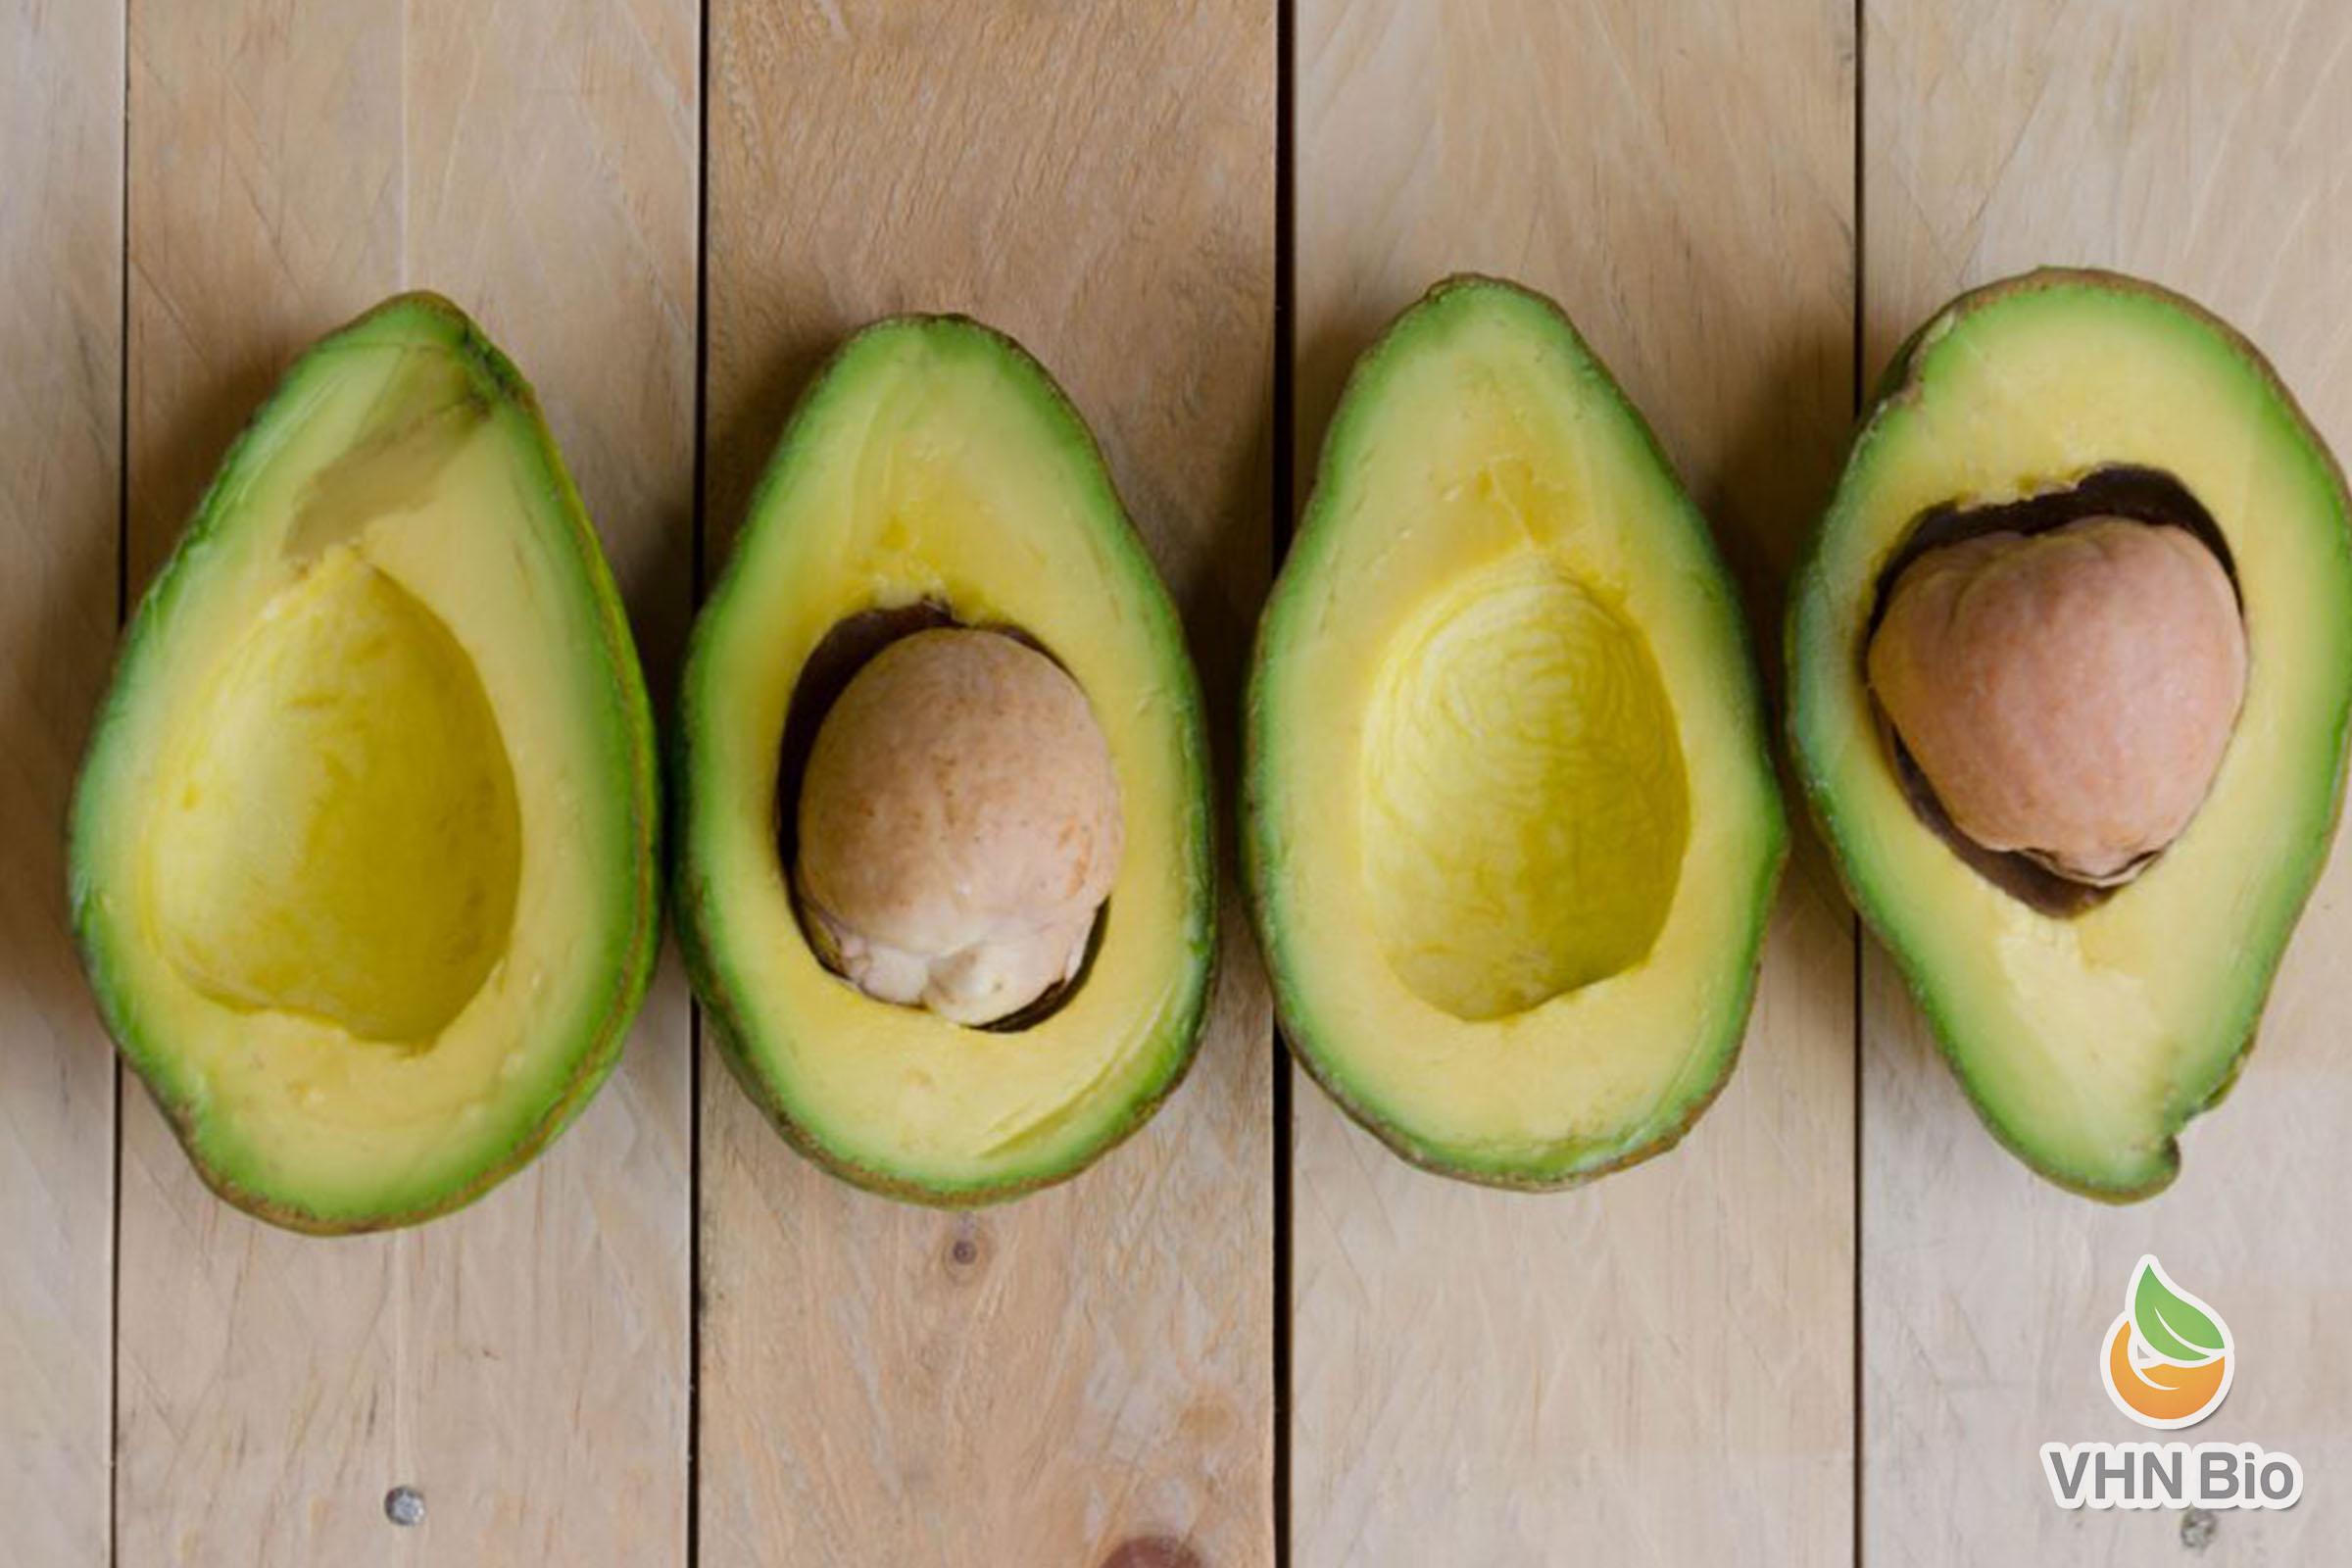 Gợi ý công thức ăn dặm bơ cực ngon, cực bổ mẹ nên đưa ngay vào thực đơn cho bé-Viện Dinh dưỡng VHN Bio